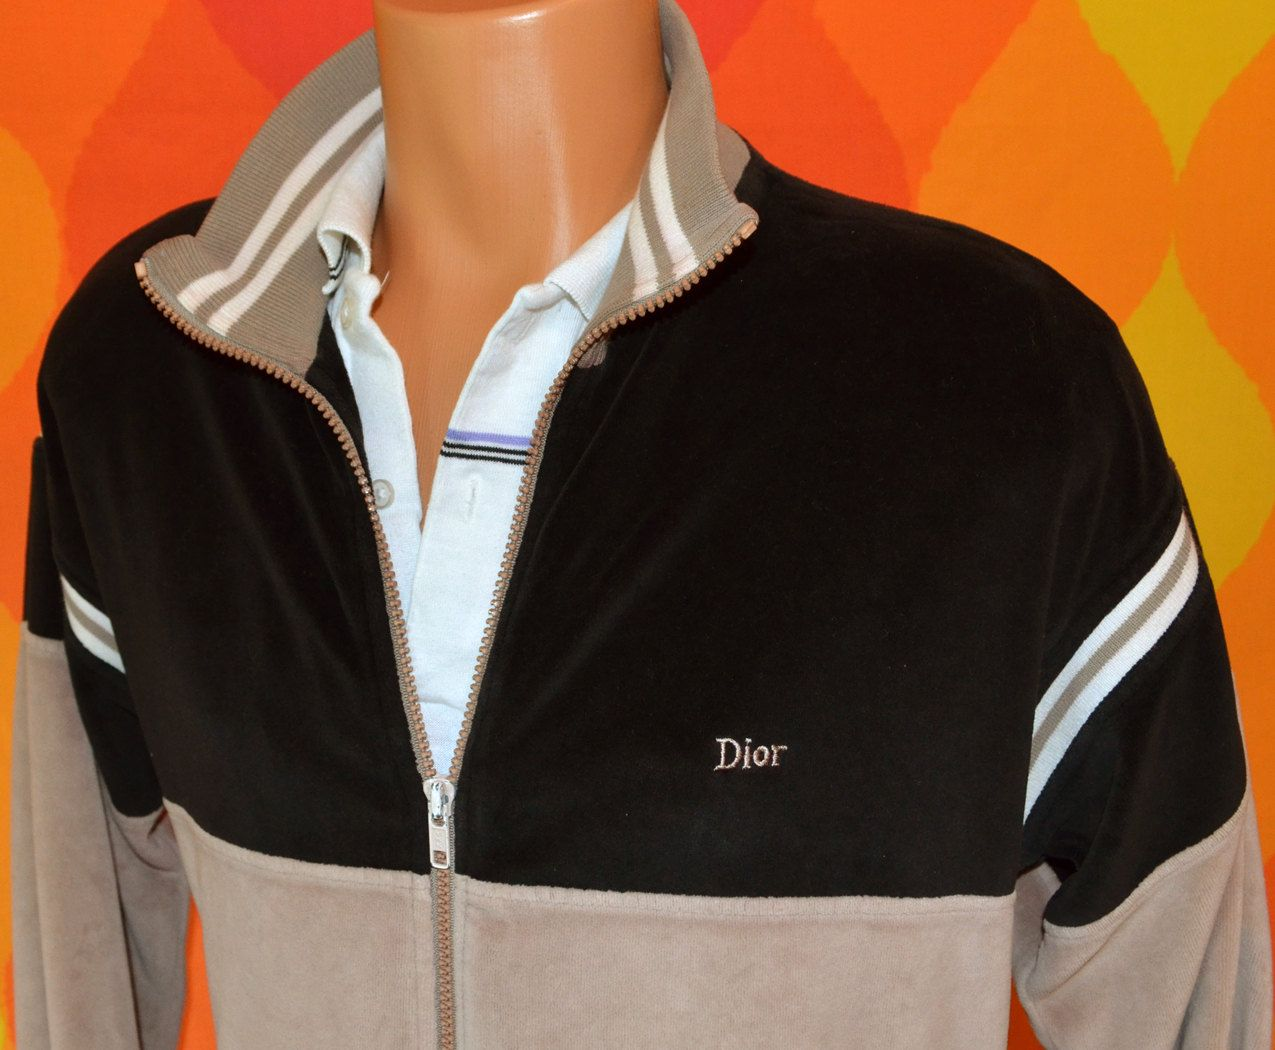 Vintage 80s Velour Track Jacket Christian Dior Warm Up Zipper Etsy Track Jackets Jackets Velour